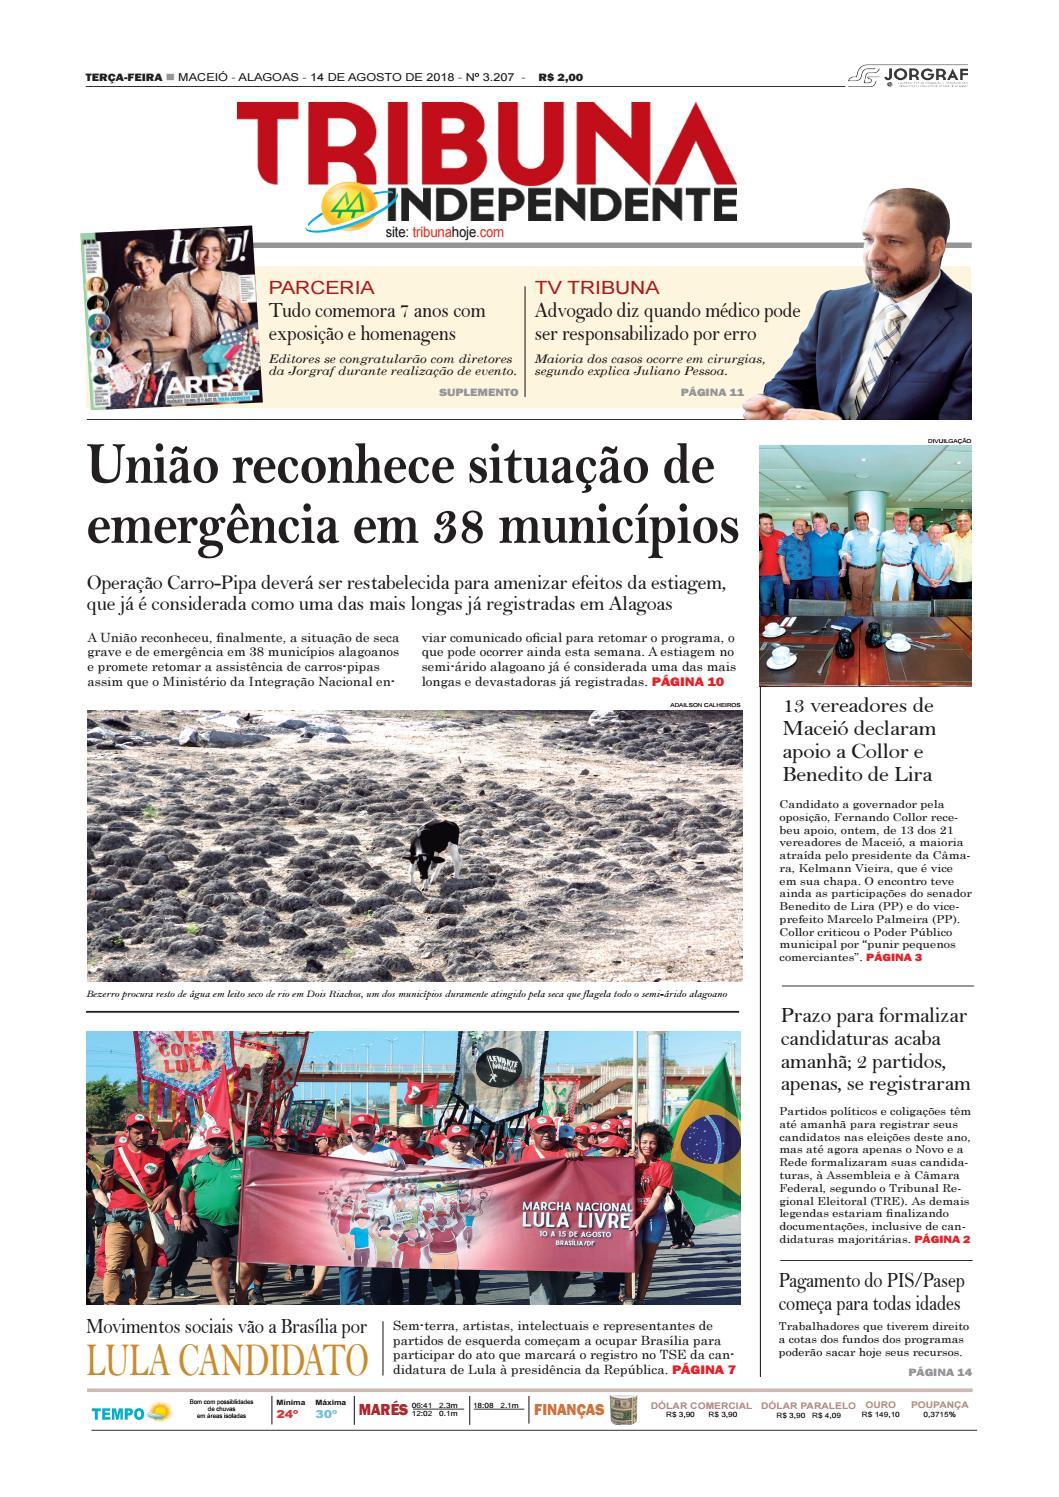 ad210dd3ca8 Edição número 3207 - 14 de agosto de 2018 by Tribuna Hoje - issuu